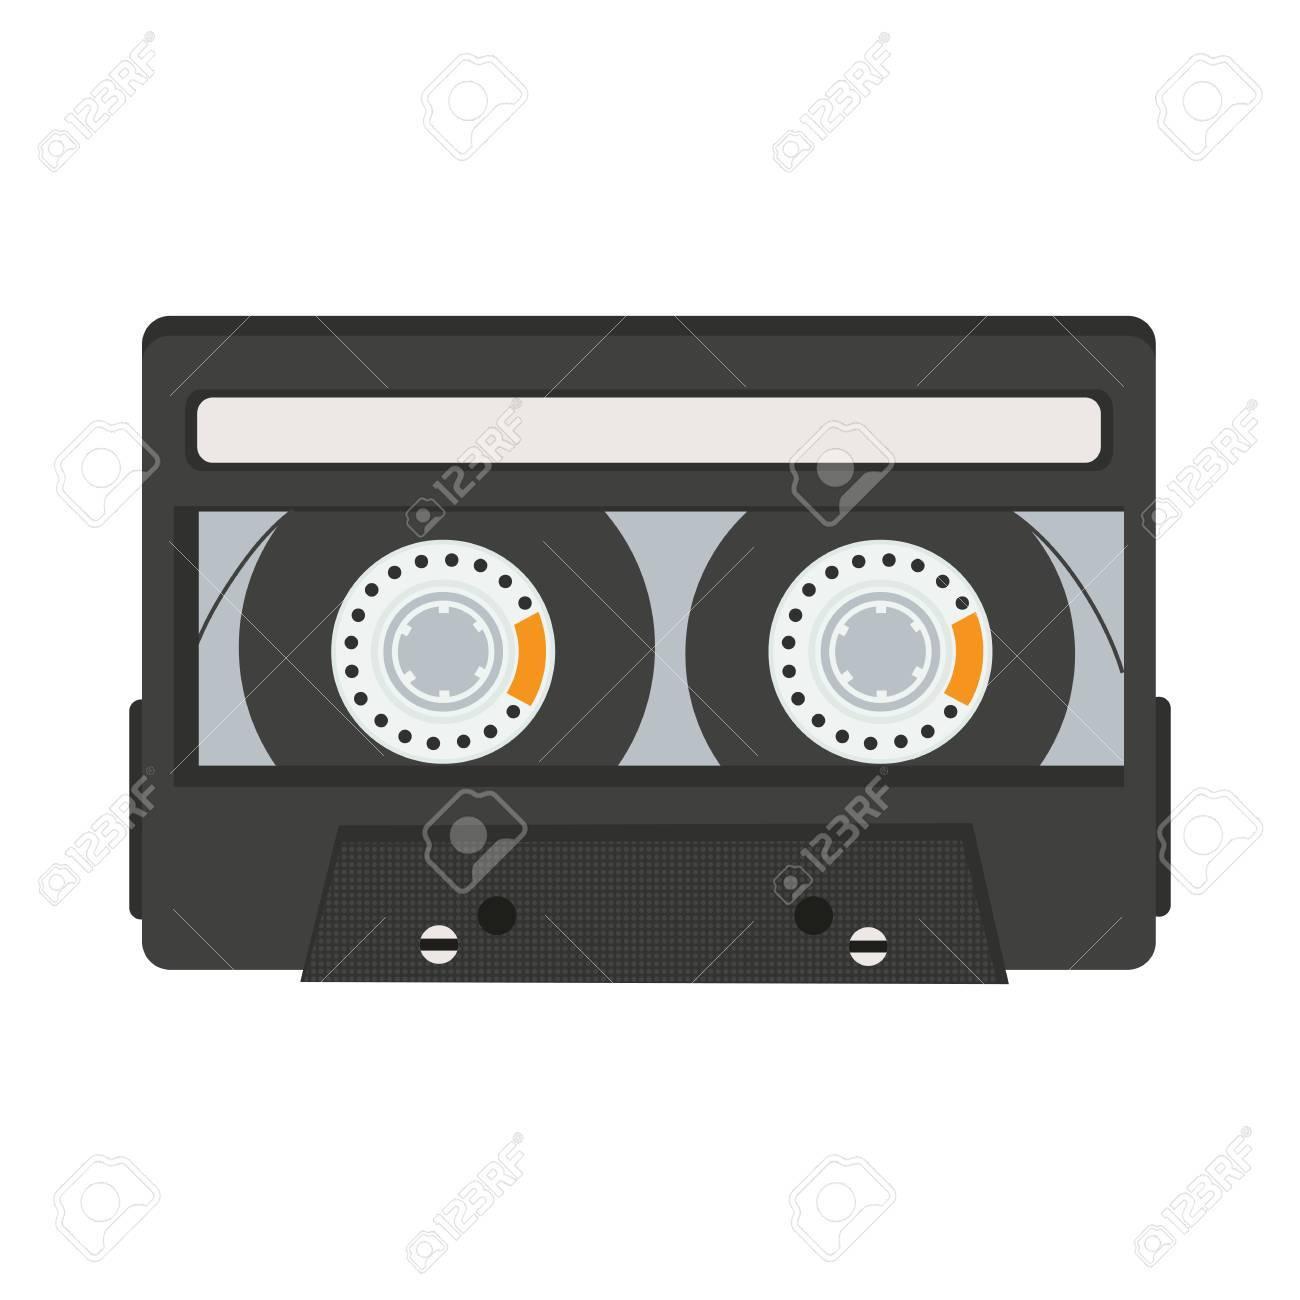 cassette tape isolated on white background, vector illustration Stock Vector - 23262322